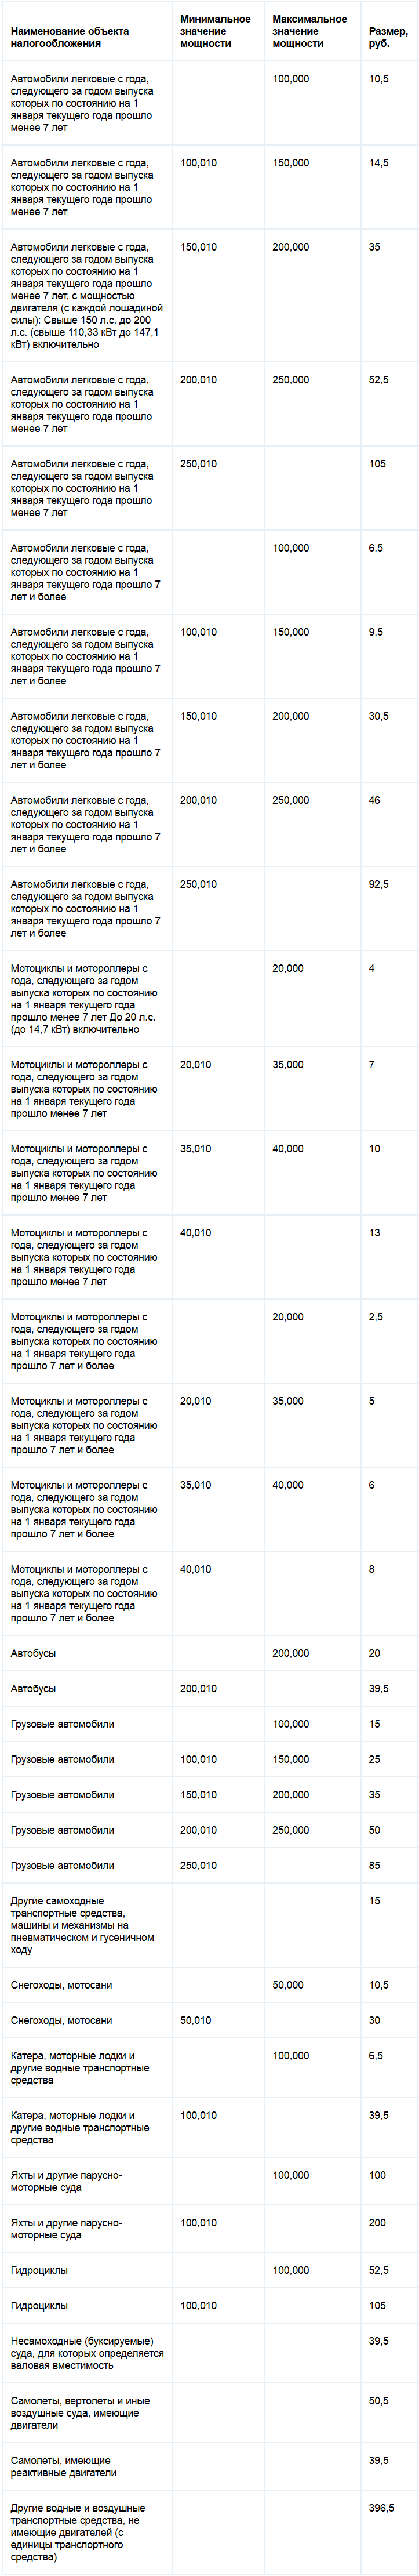 Ставки транспортного налога в иркутской области фон спортивные ставки